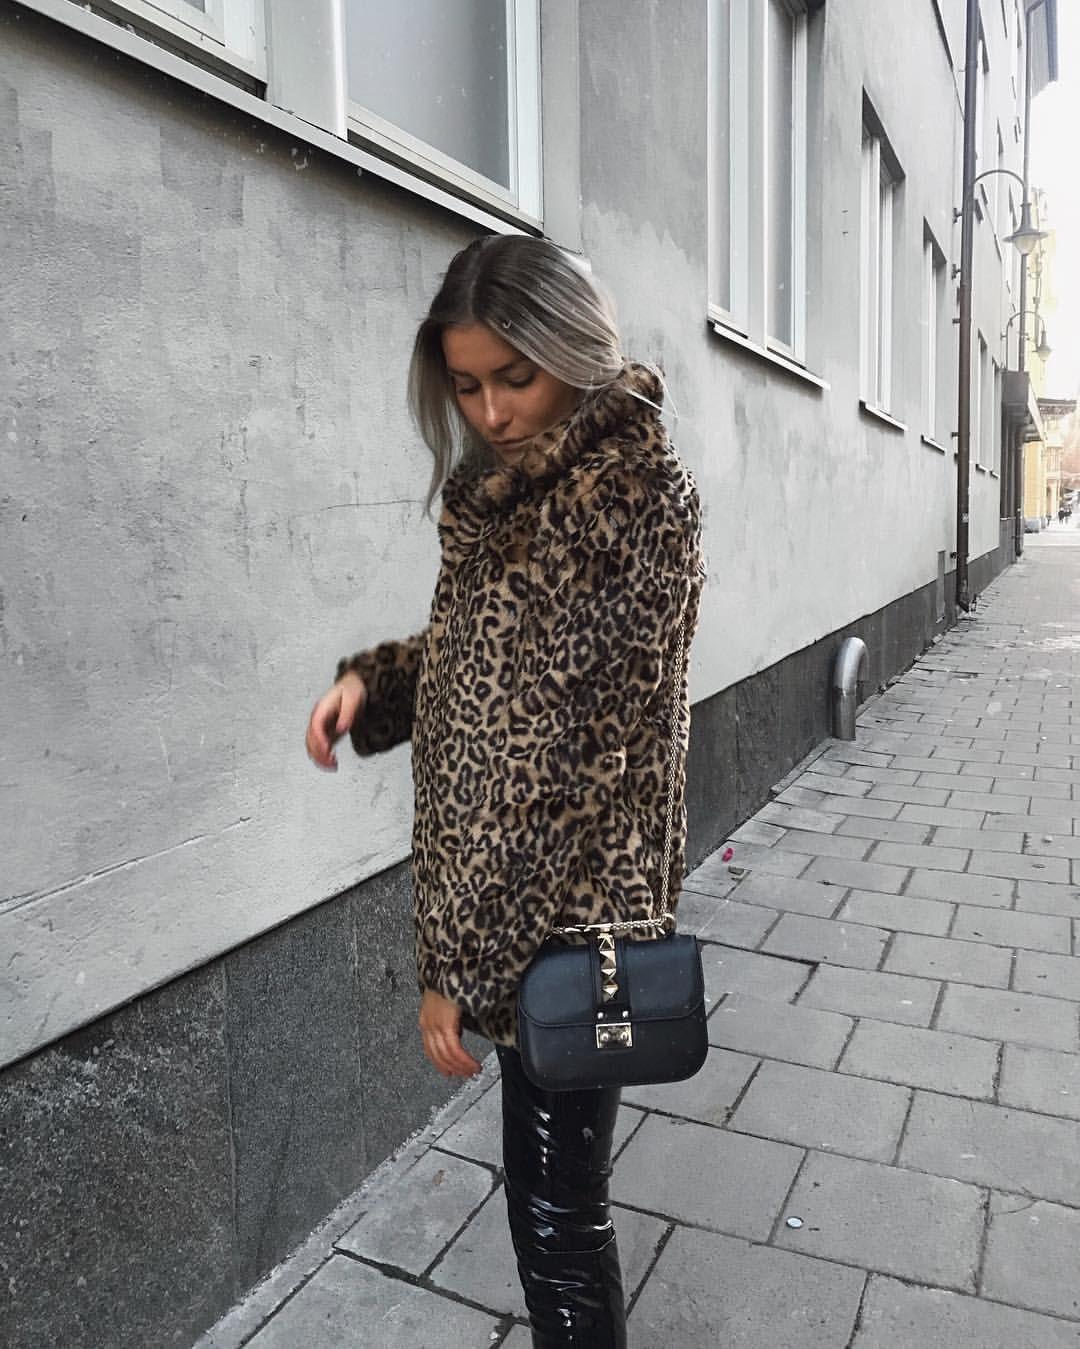 f543d7d4c338 alicia franzen, outfit, outfit inspo, Valentino bag, valentino bag outfit,  ivy revel, vinyl pants, vinyl, leopard print, leopard fur, leopard jacket